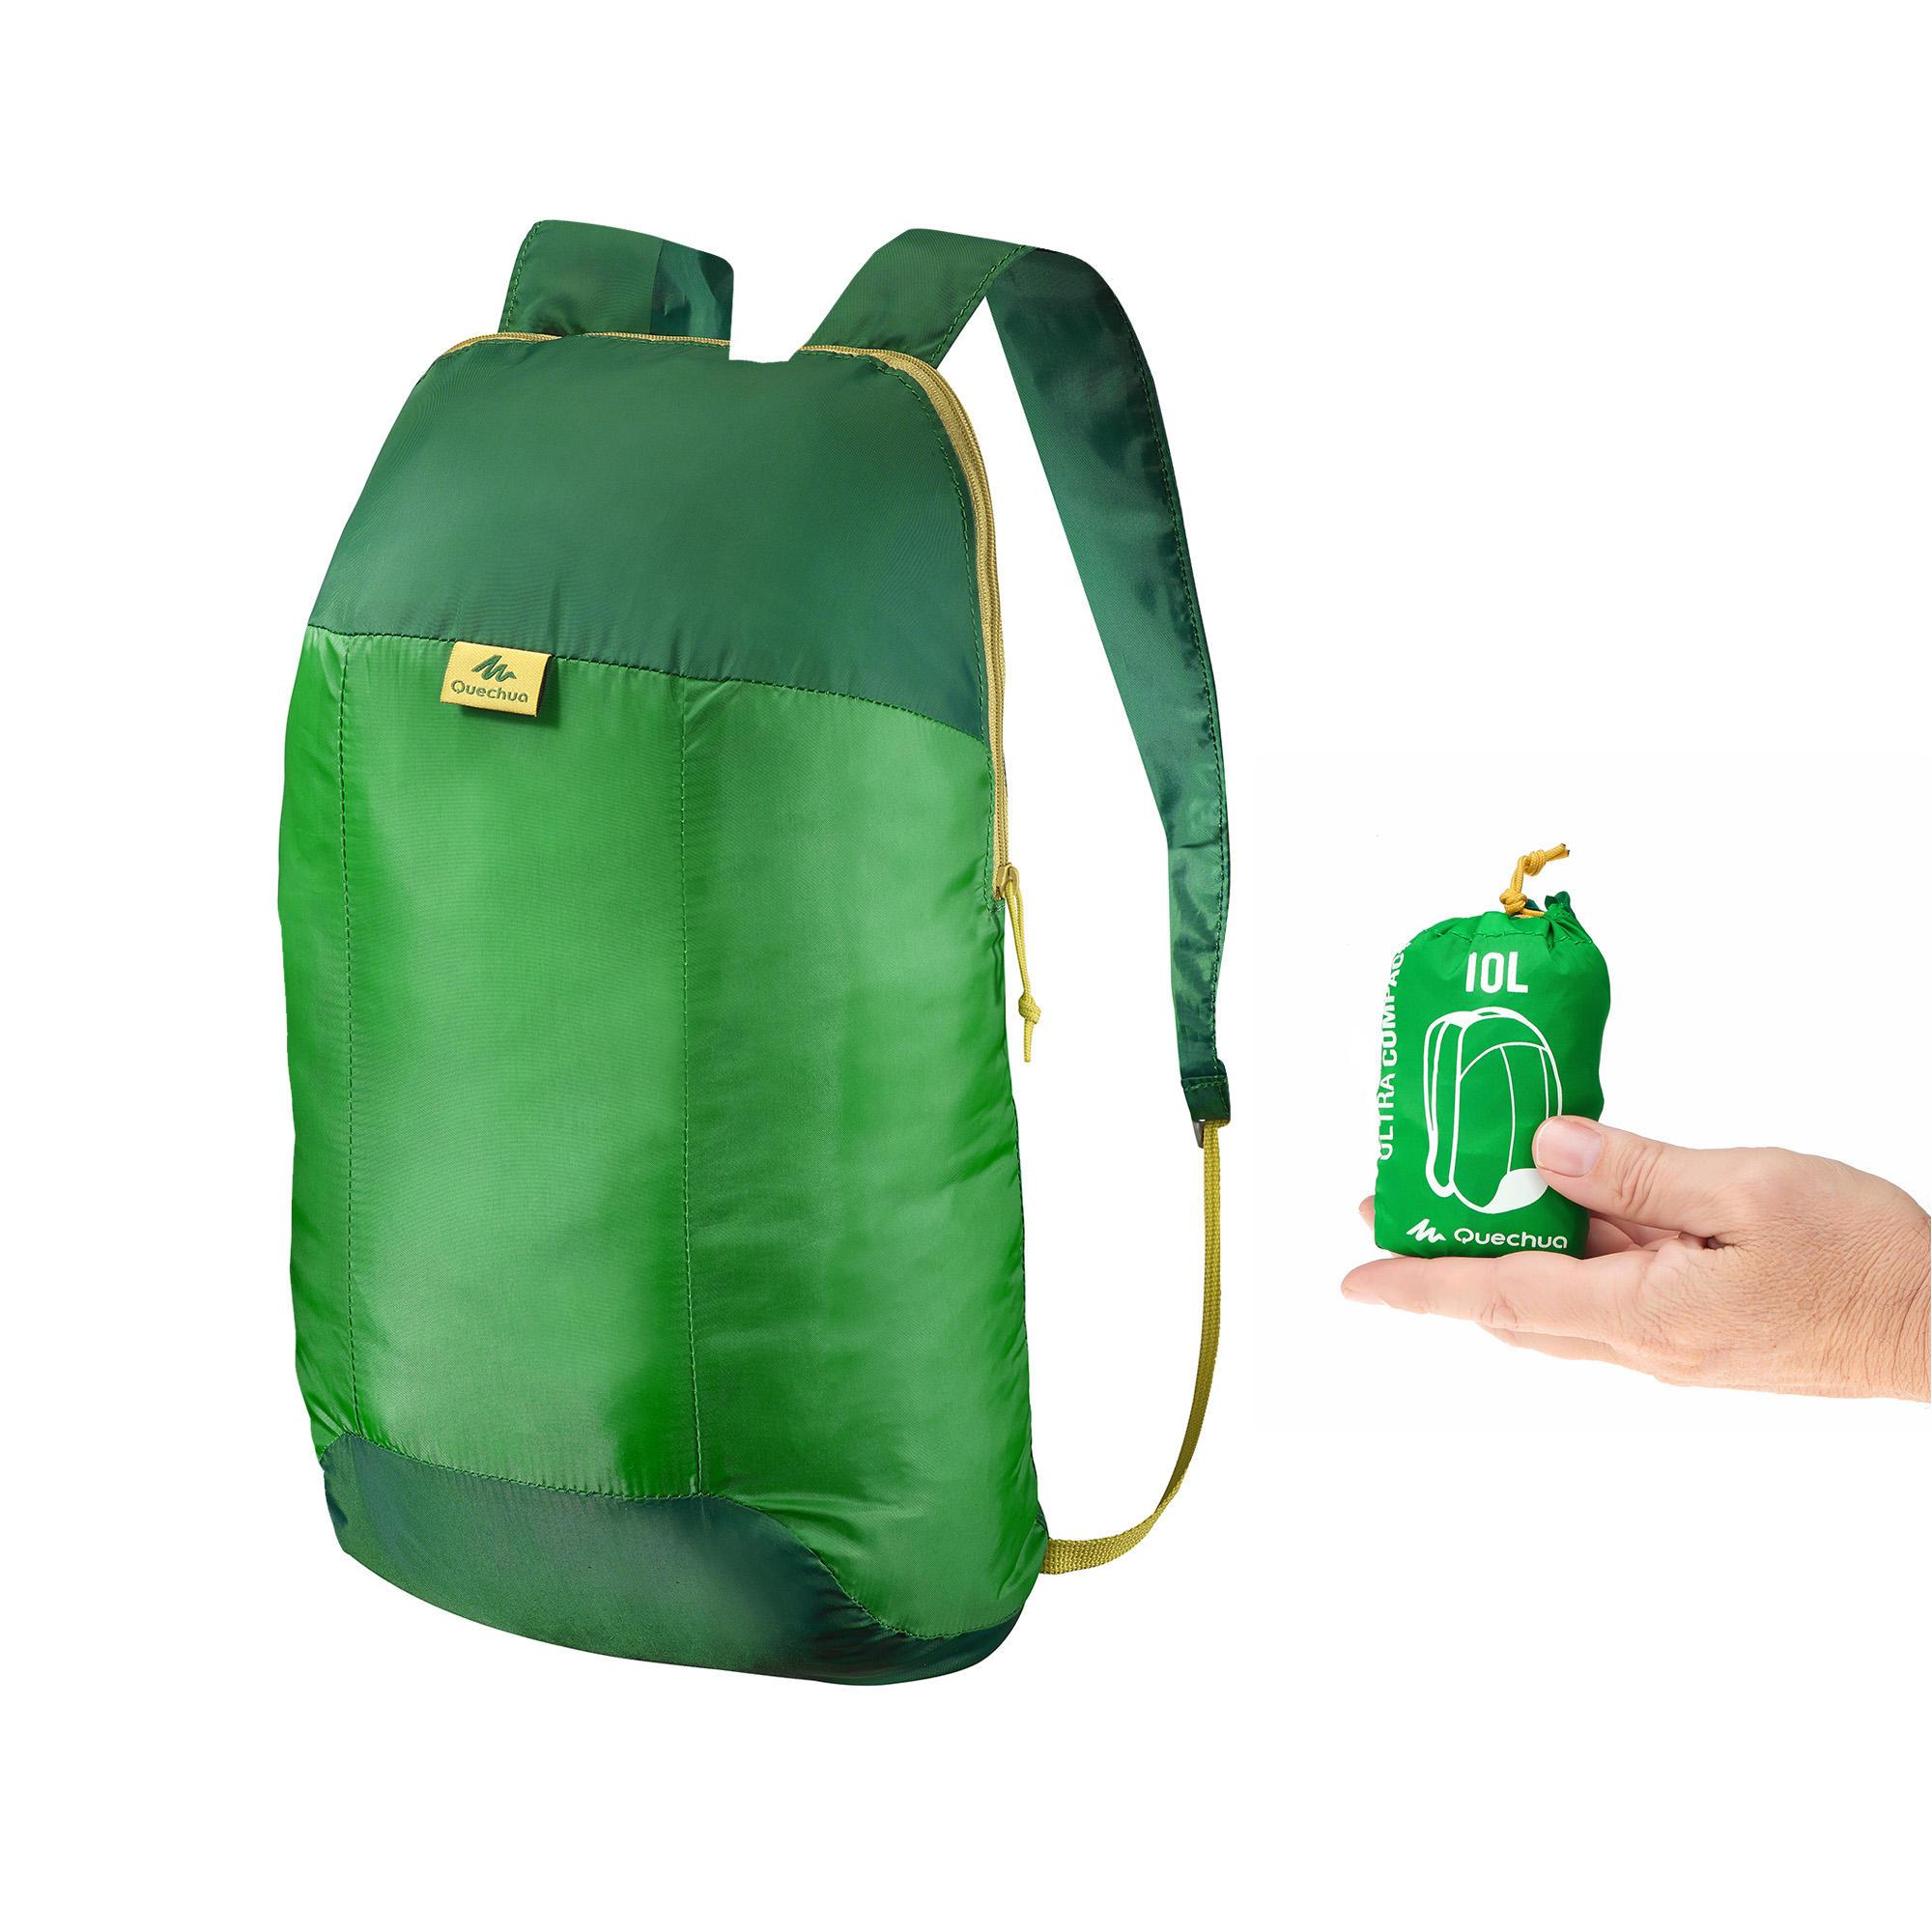 TRAVEL Ultra-Compact 10 Litre Rucksack - green